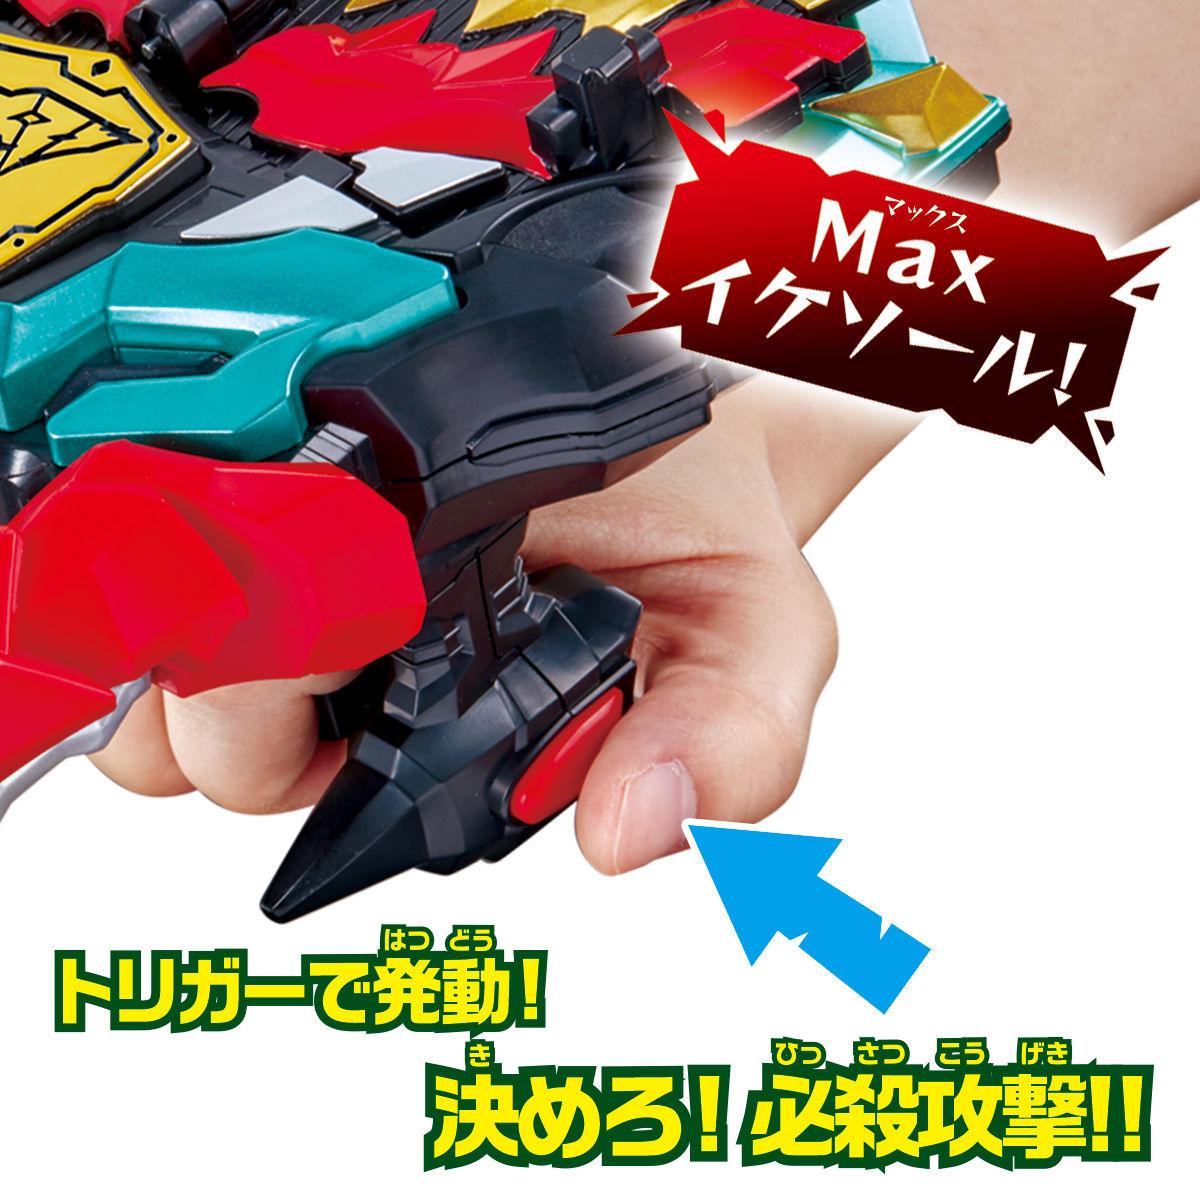 変身竜爪 DXマックスリュウソウチェンジャー